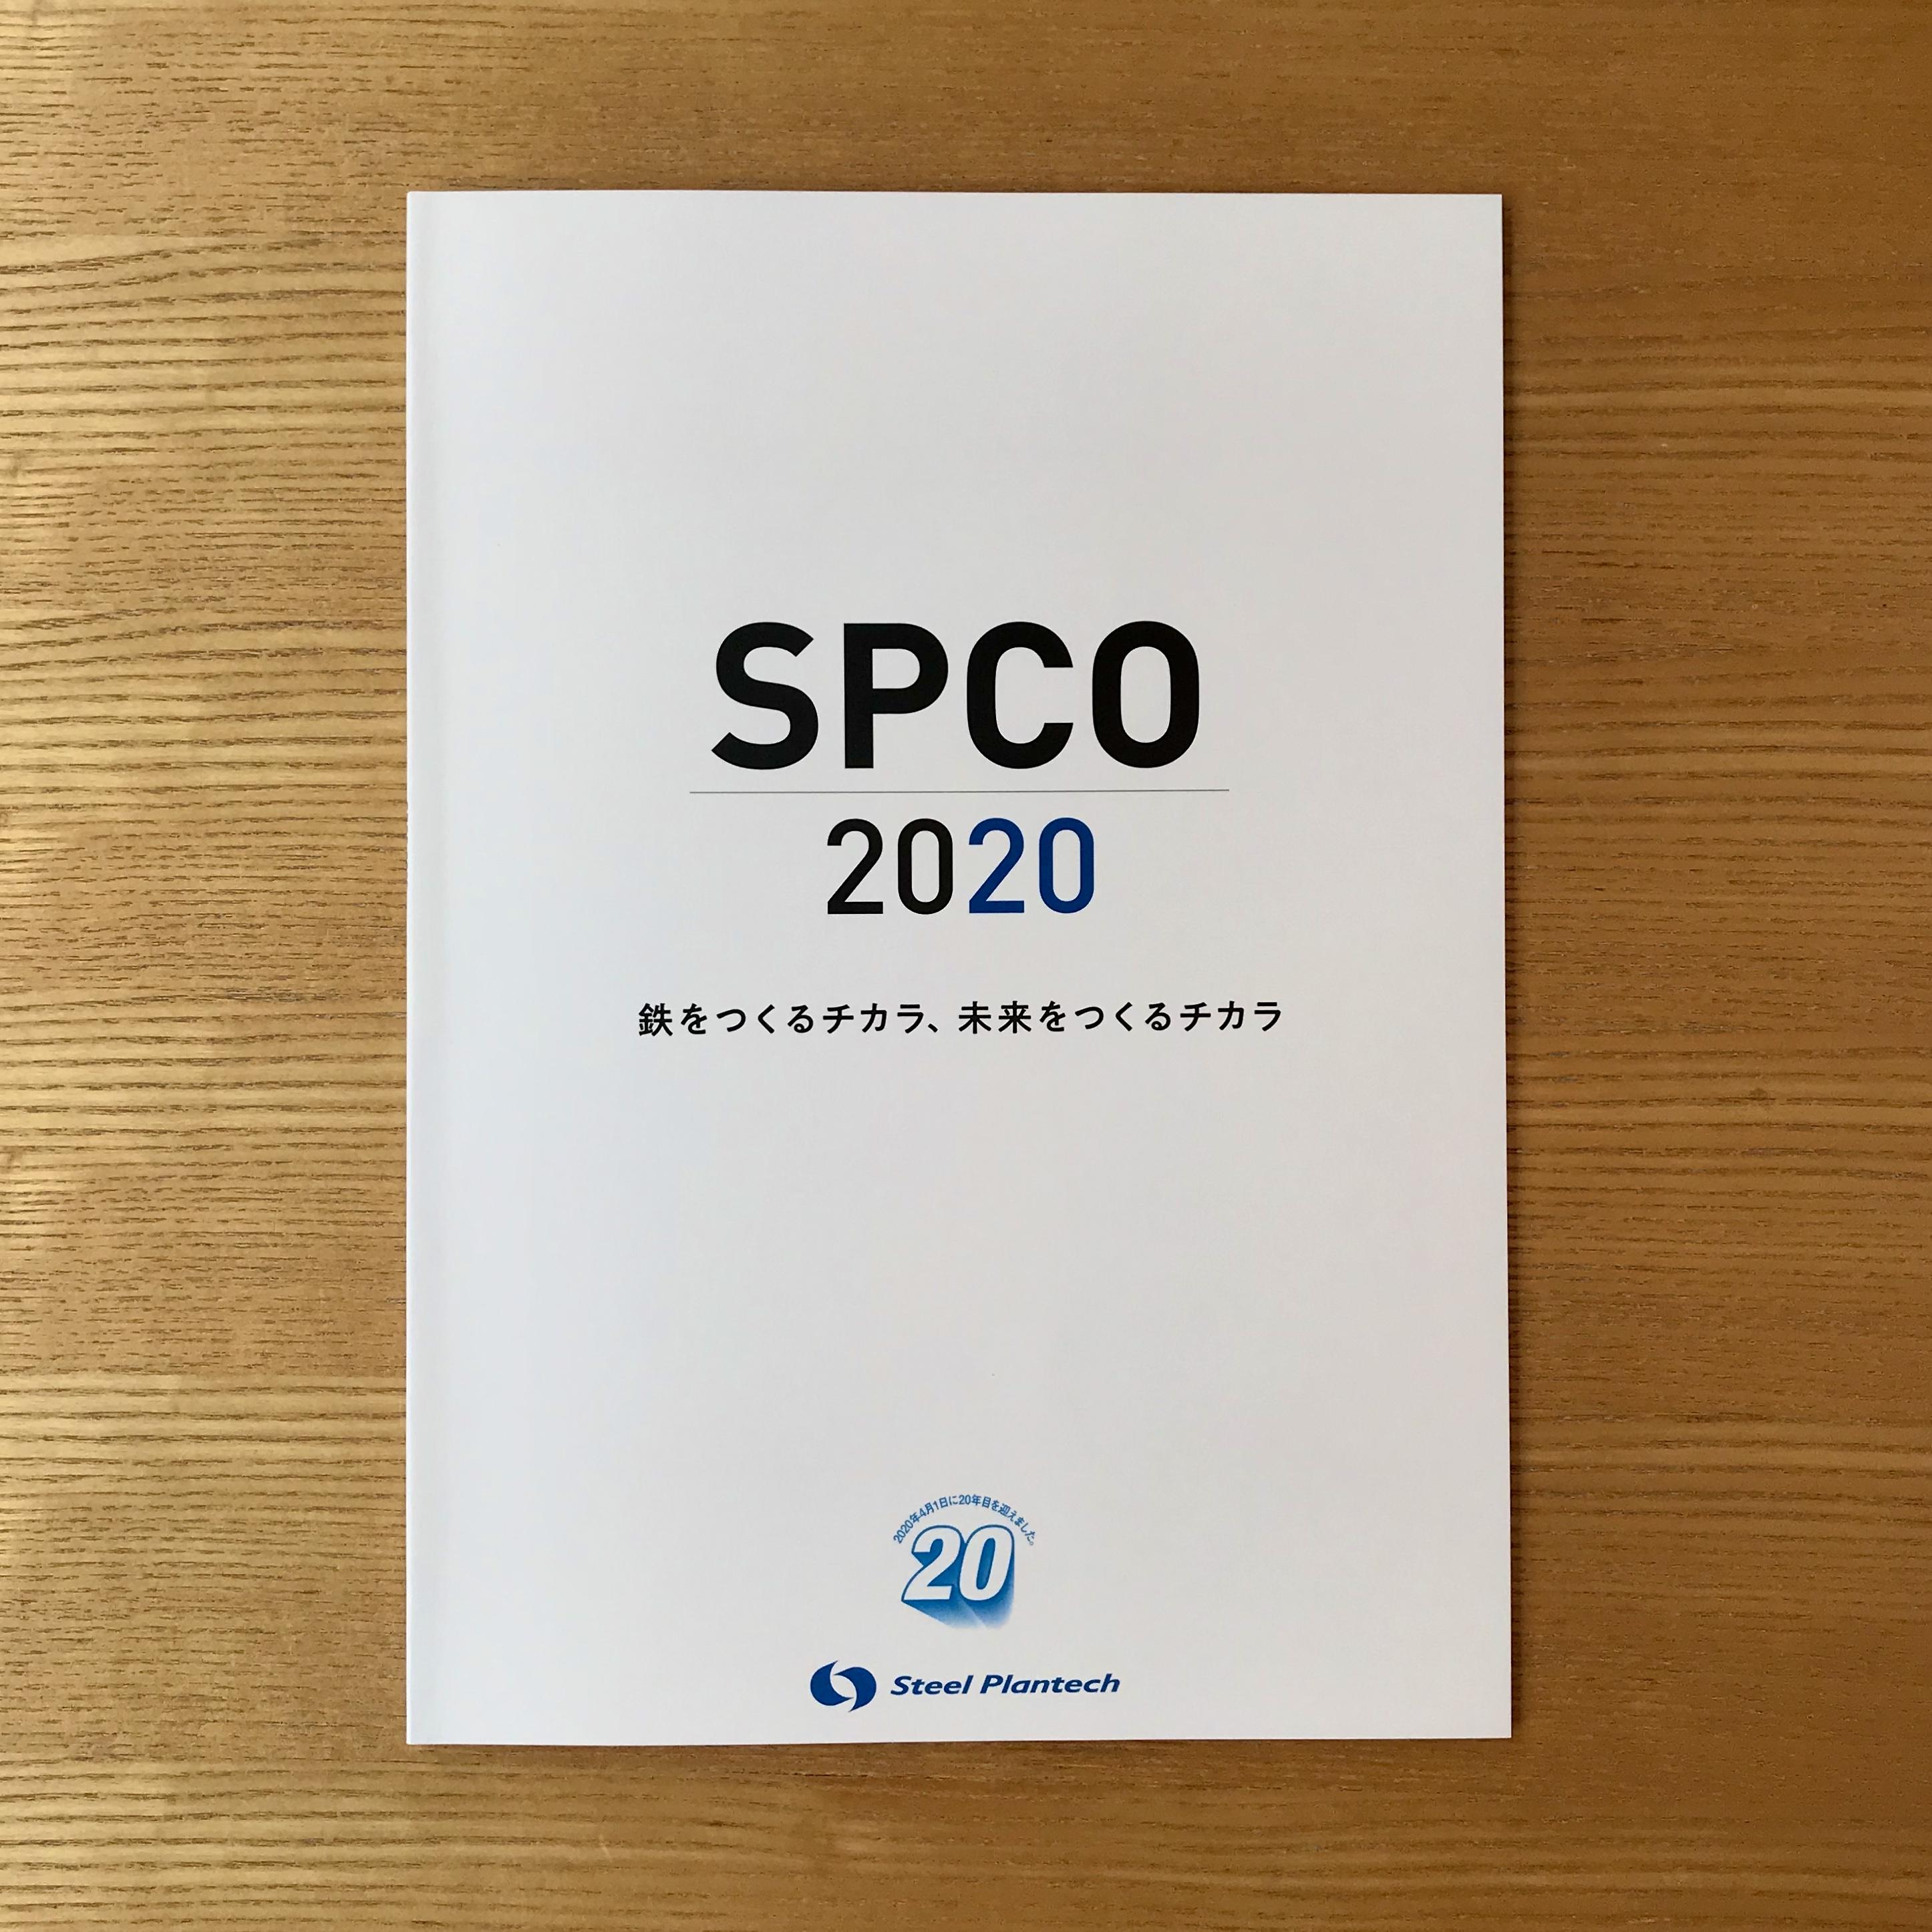 SPCO 2020